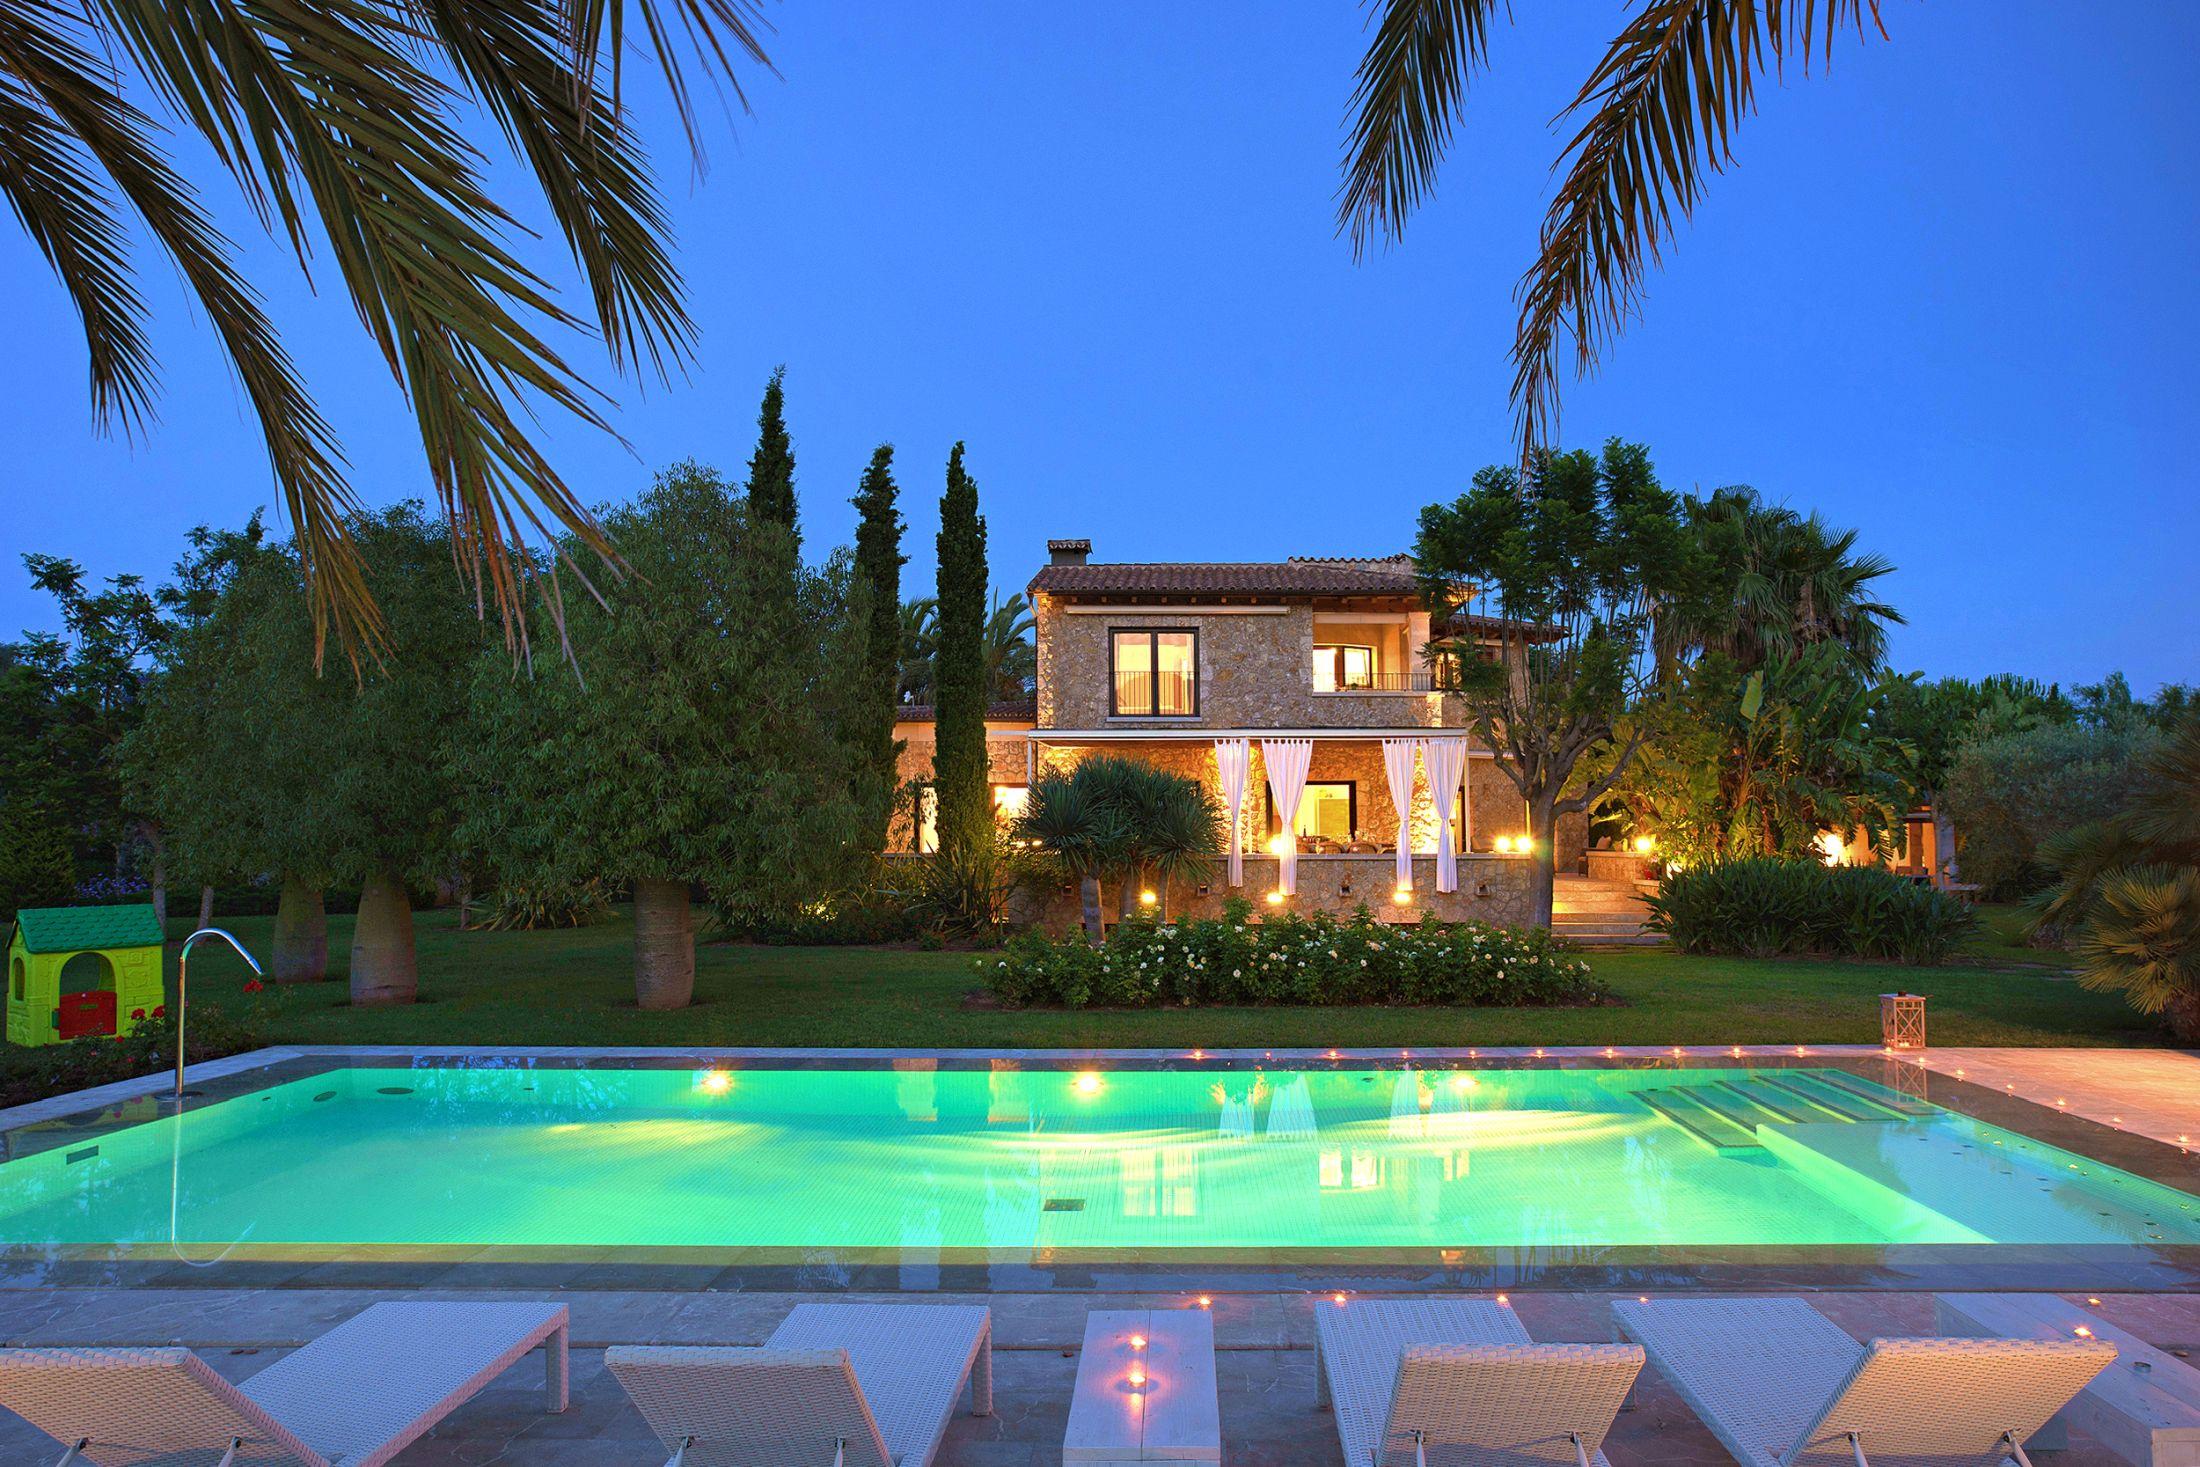 luxury villas Pollnesa, Pollensa luxury accommodation, luxury holiday Pollensa,Villa Llenaire